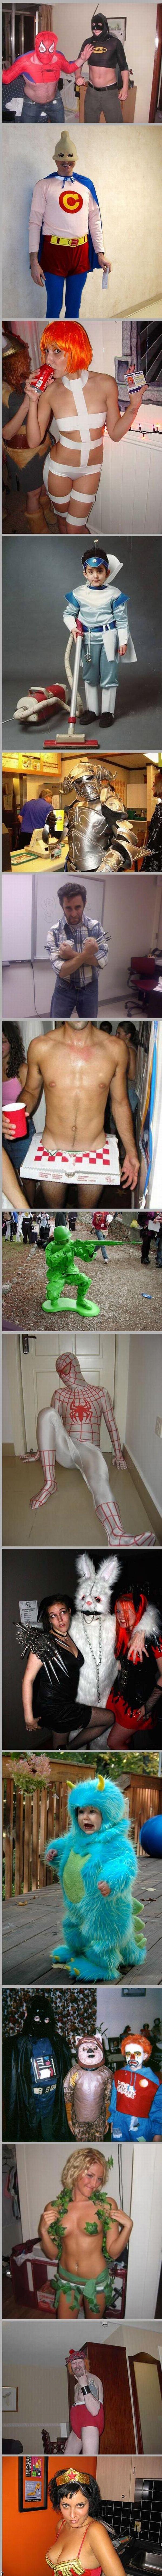 Сумасшедшие костюмы для Хэллоуина (26 фото)